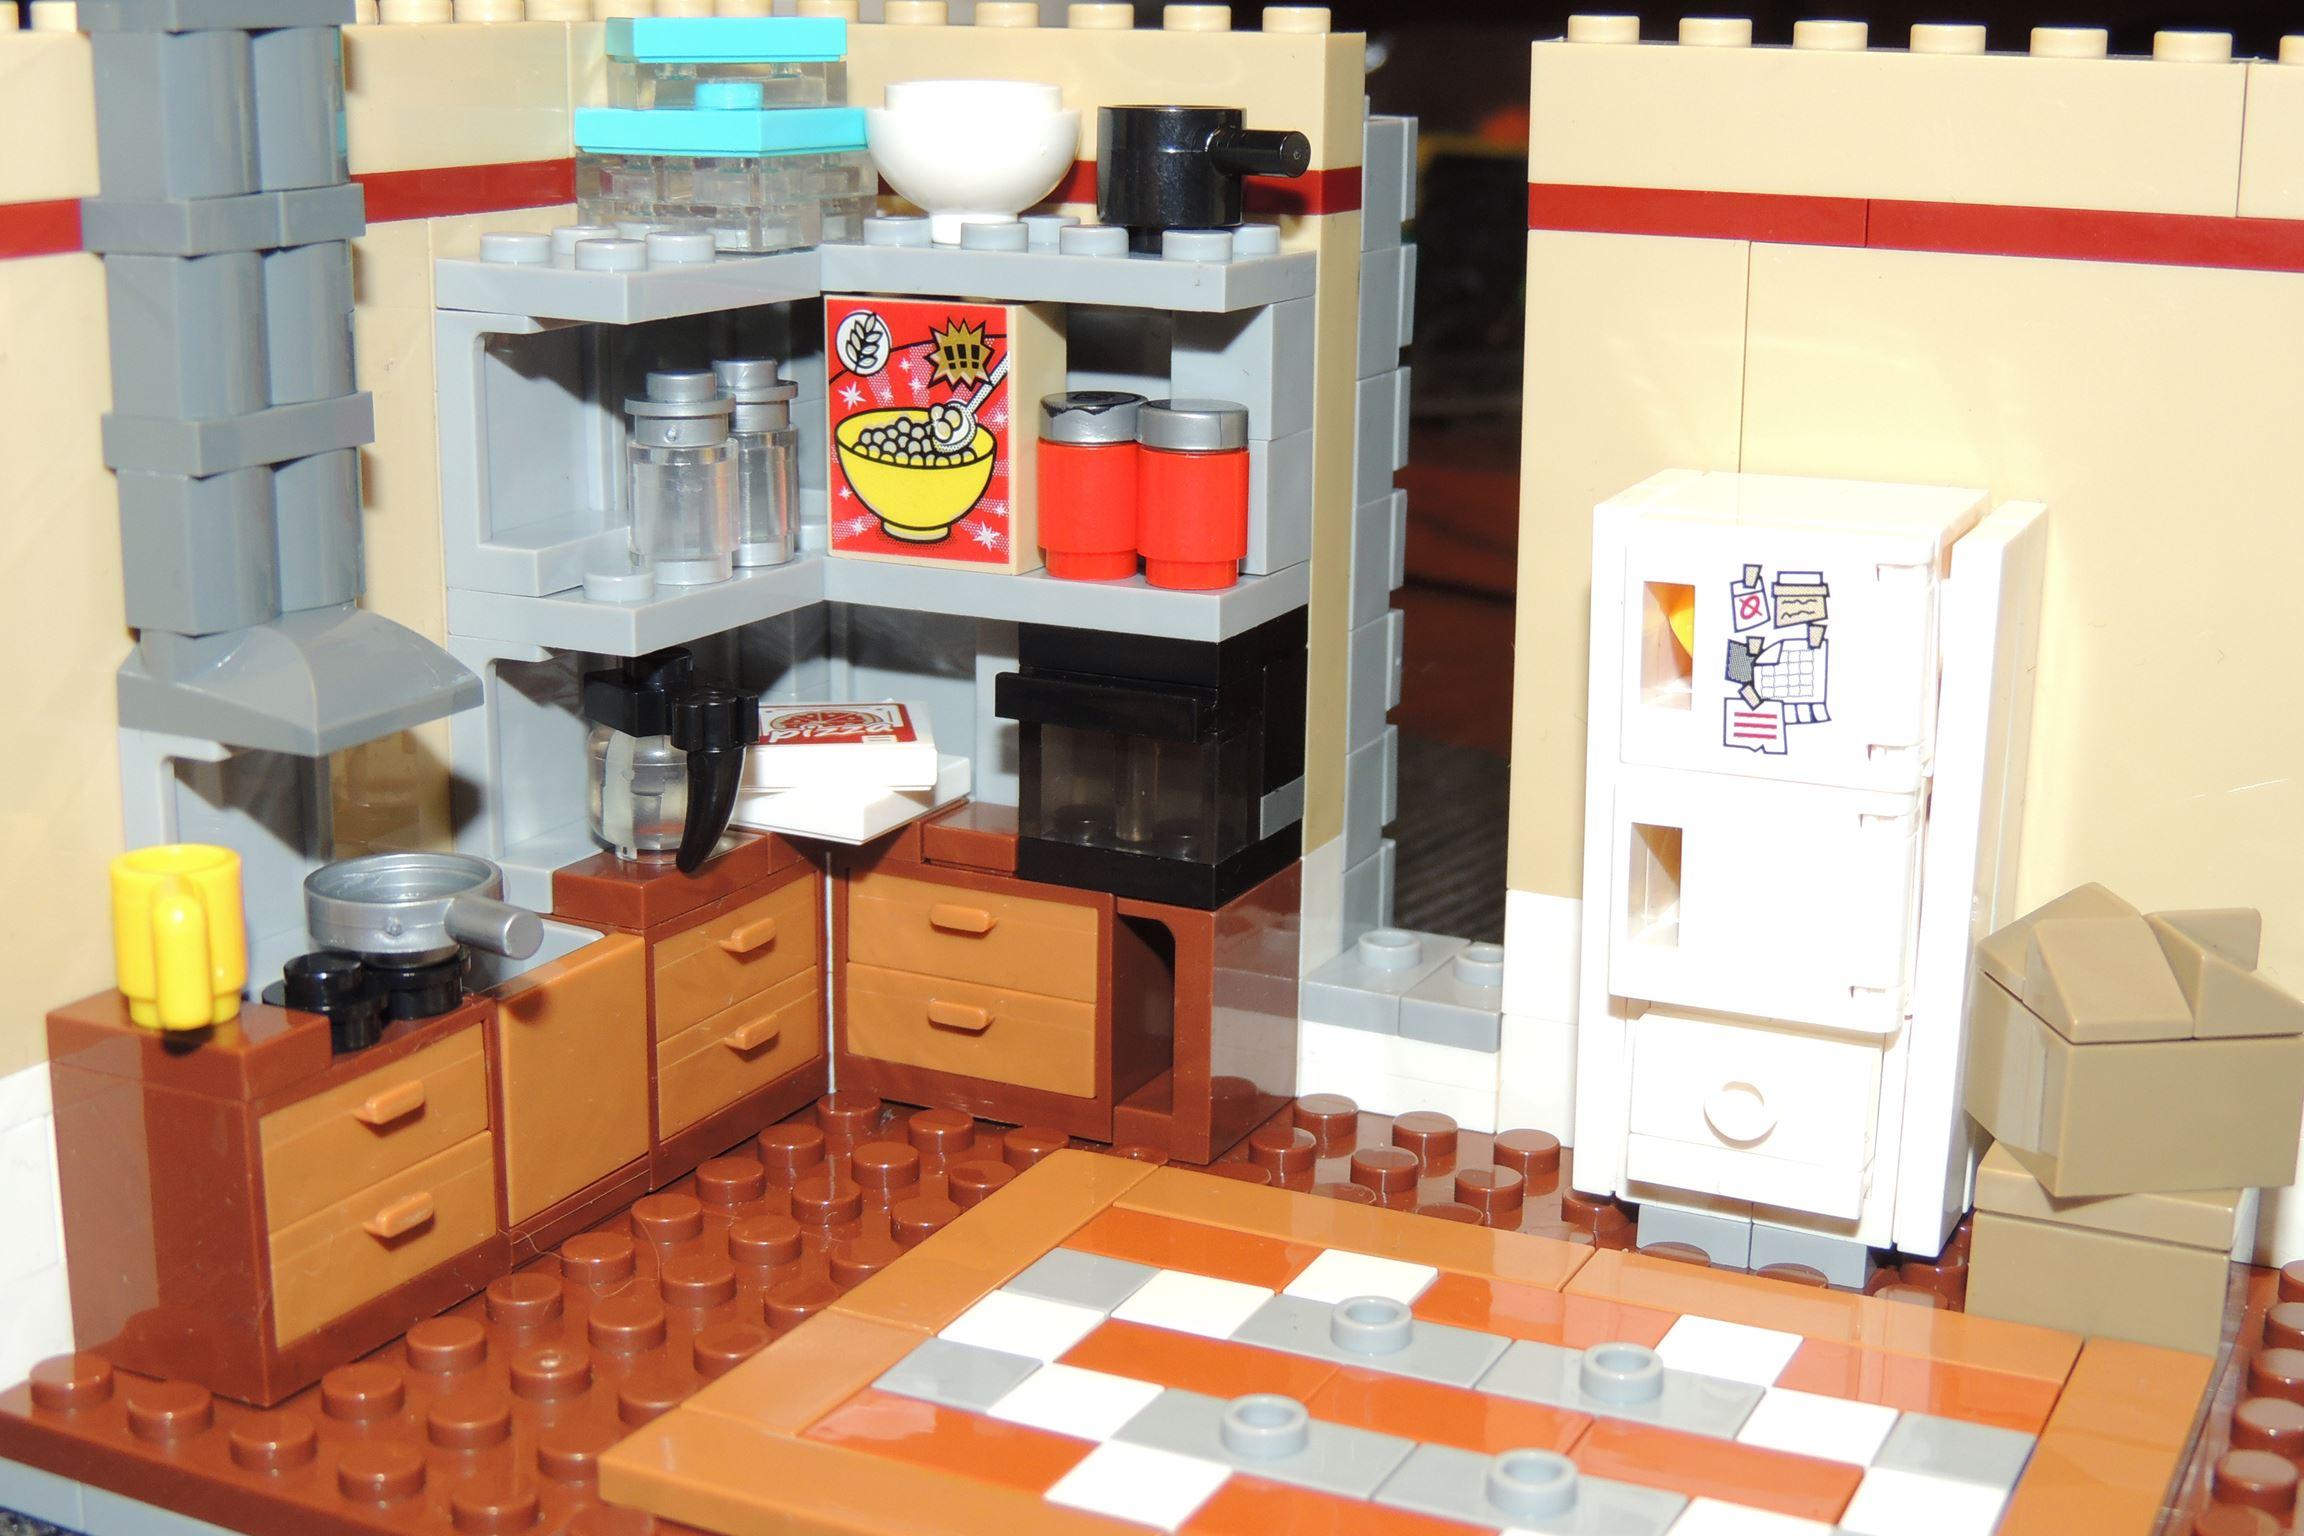 Schade, dass die Küche rausfliegen wird für den Umbau.